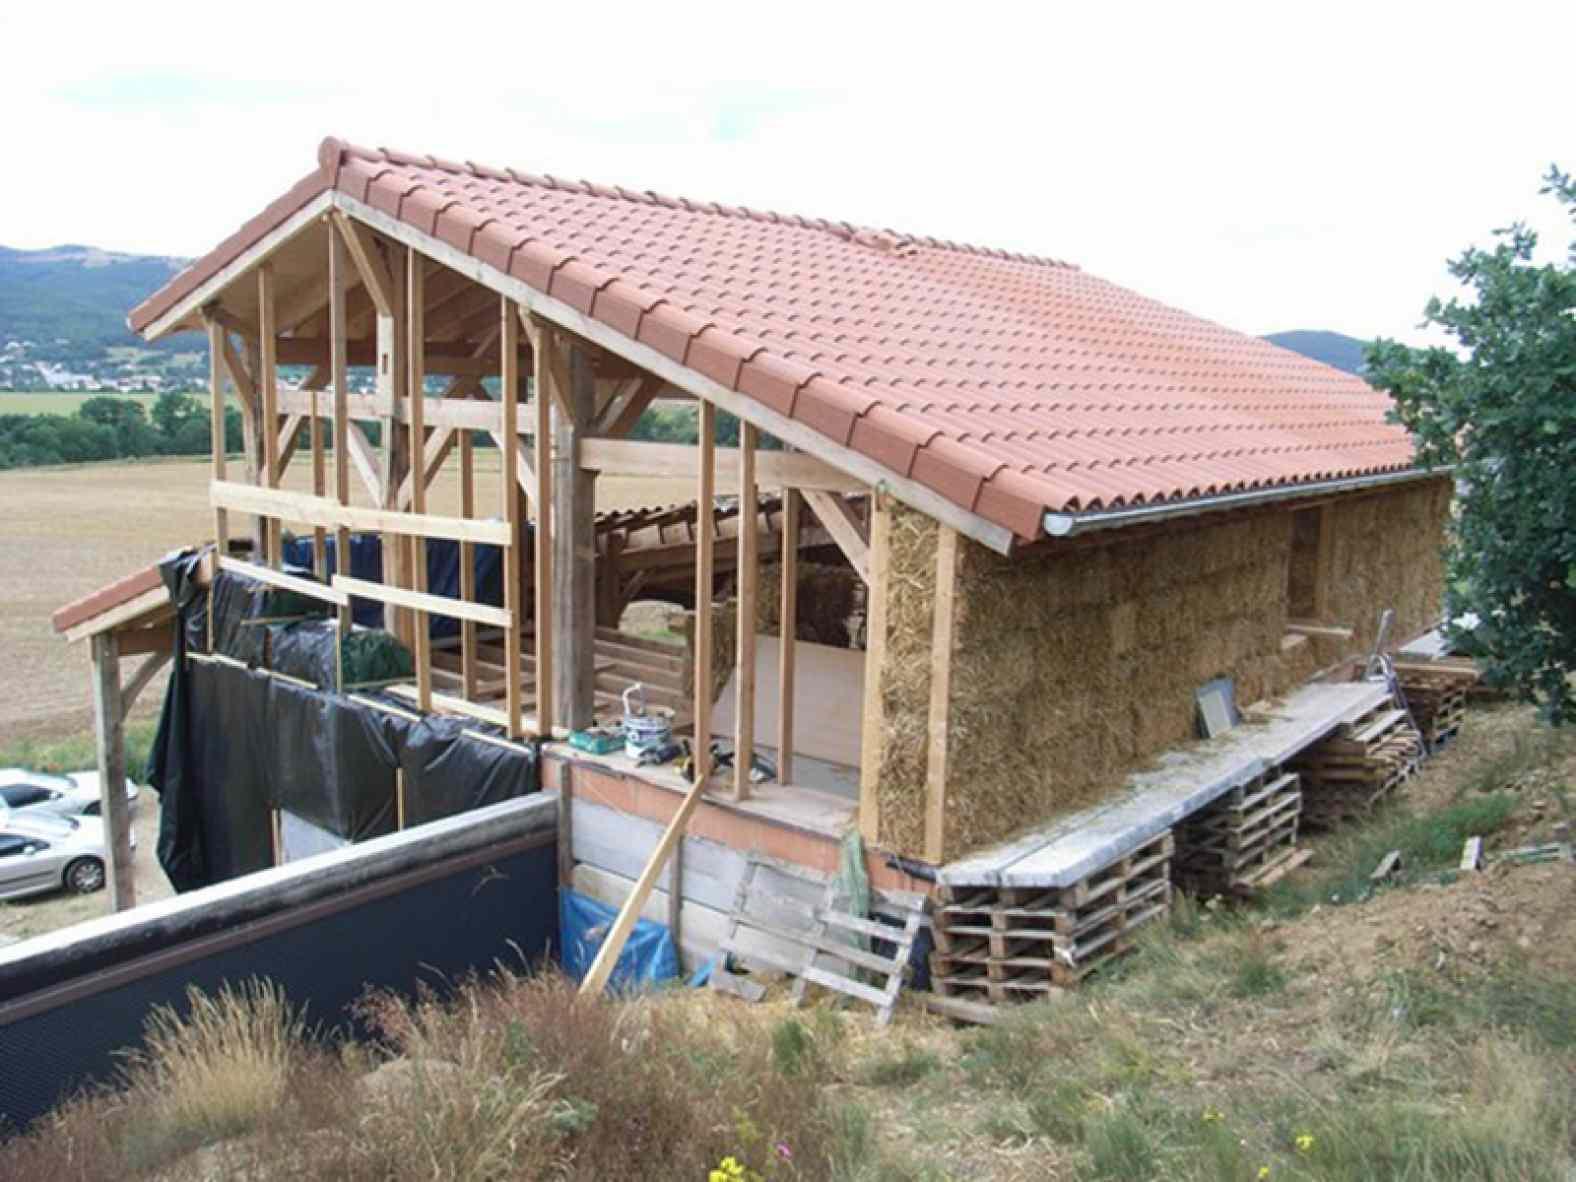 Maison en bois et paille à Mazeyrat d'Allier